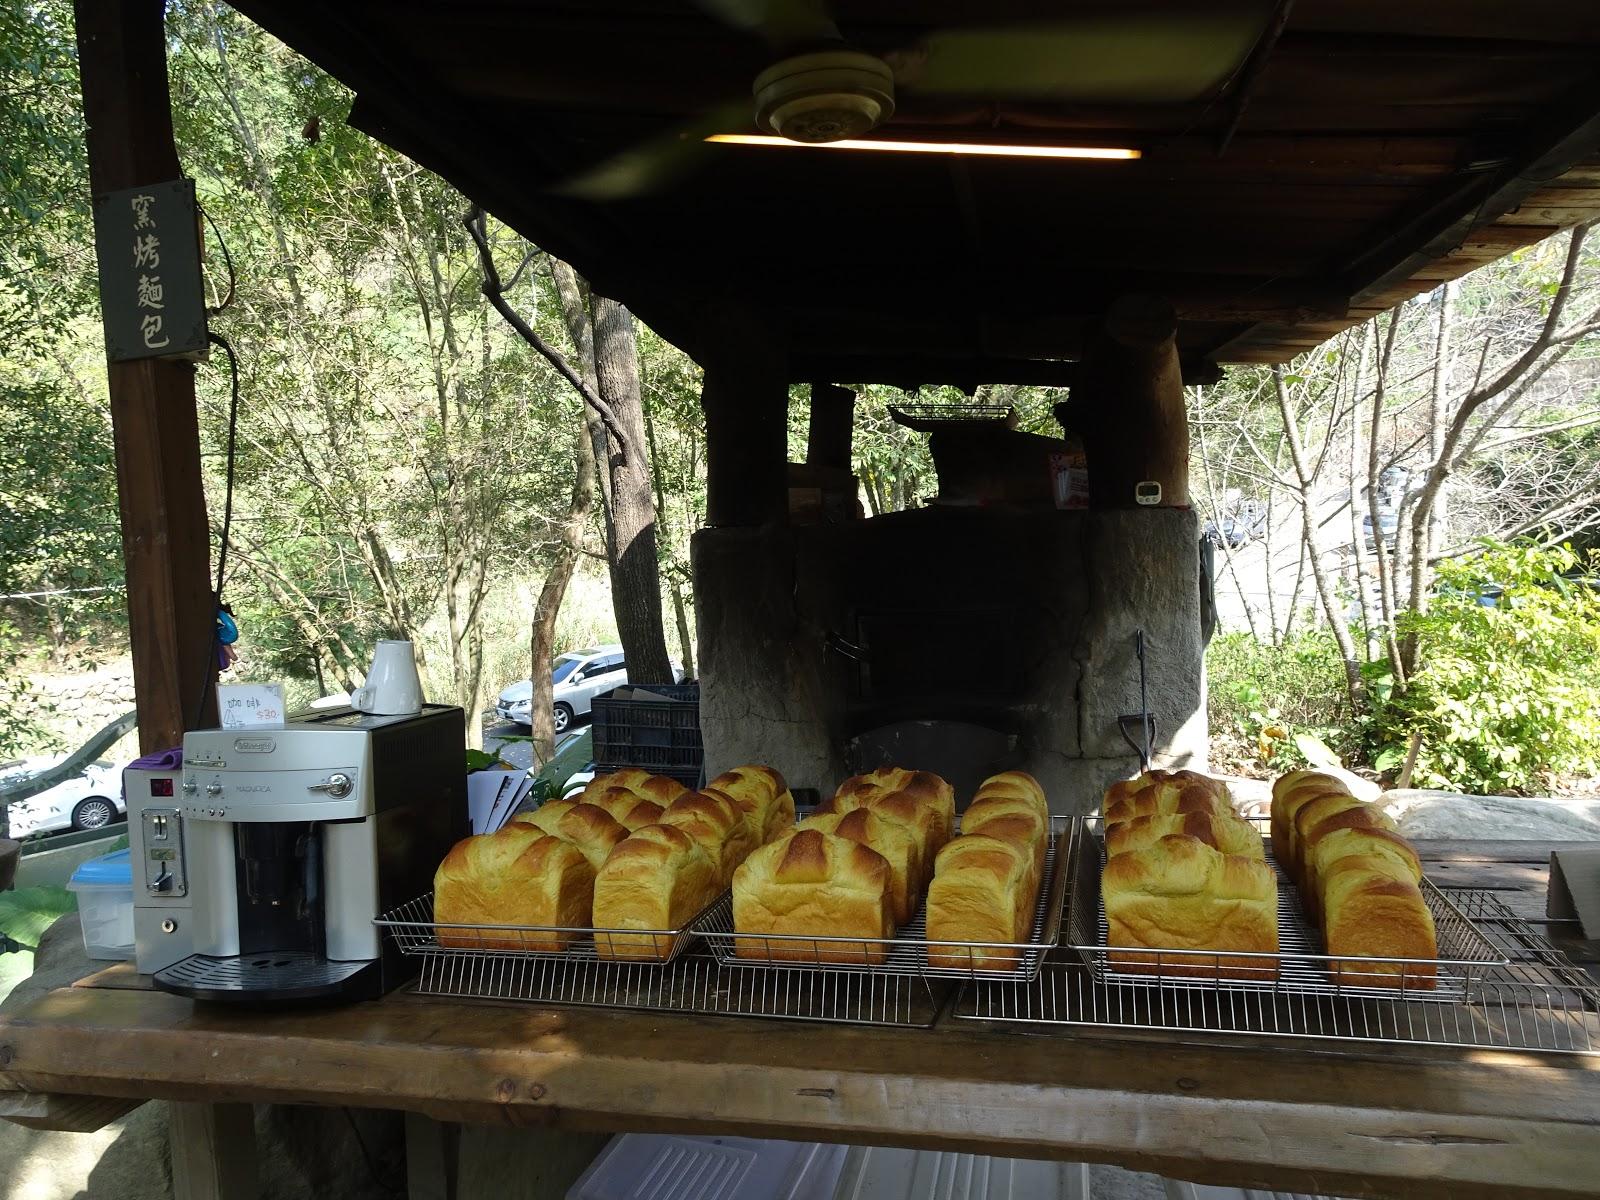 南投縣水里鄉 - 阿成的家~龍眼樹下的有機風味餐buffet.大哥窯烤麵包 @ 王叮噹新的日子jhy212jhy的部落格 :: 痞客邦